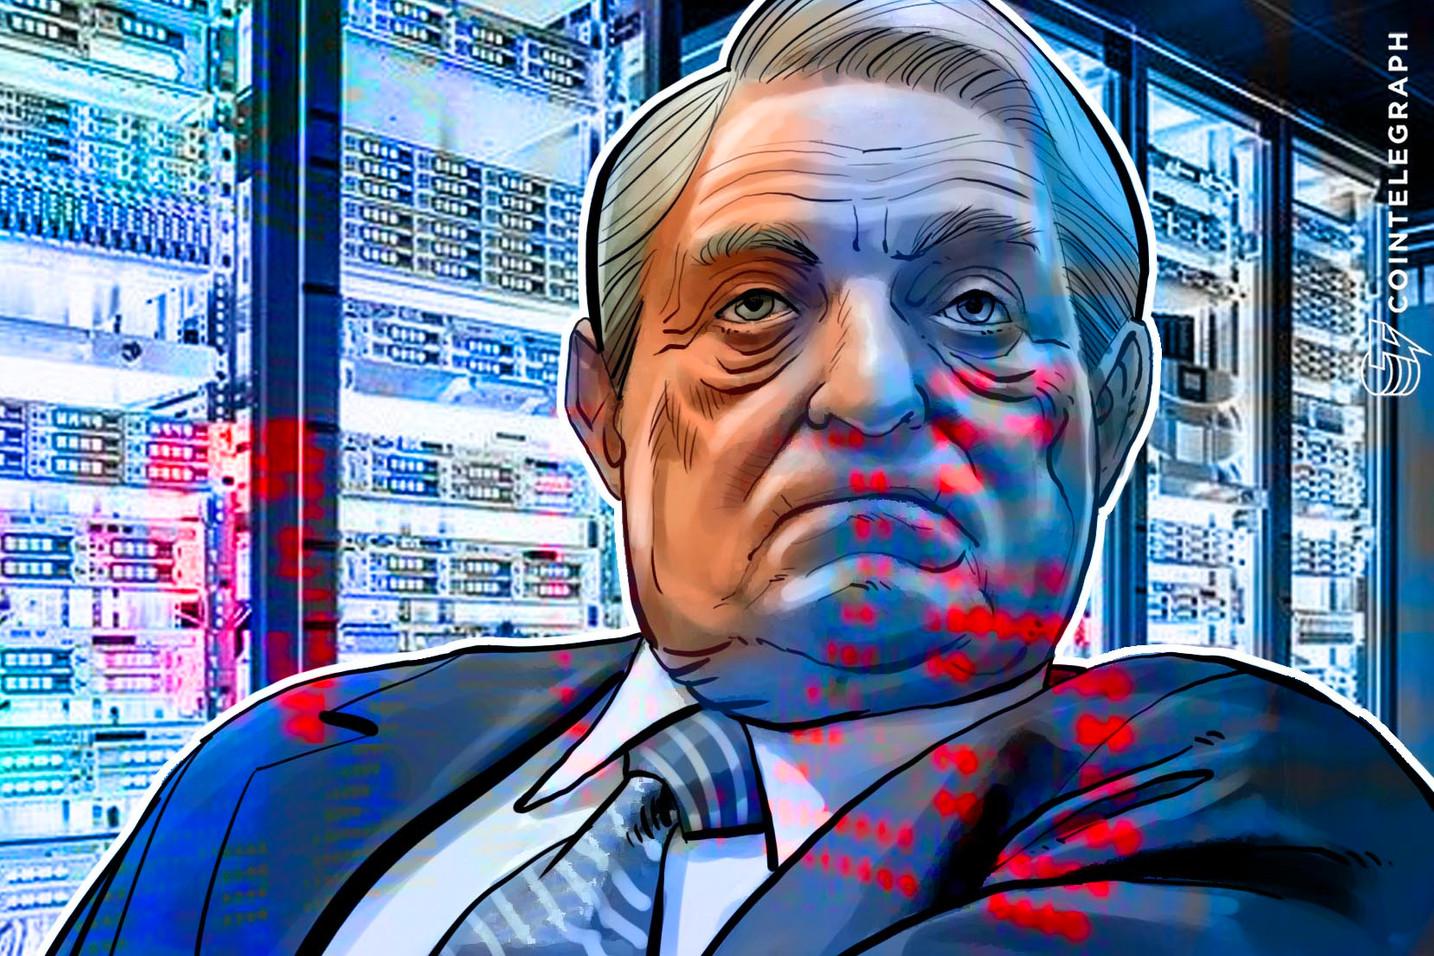 伝説の投資家 ジョージ・ソロス氏、仮想通貨投資を計画